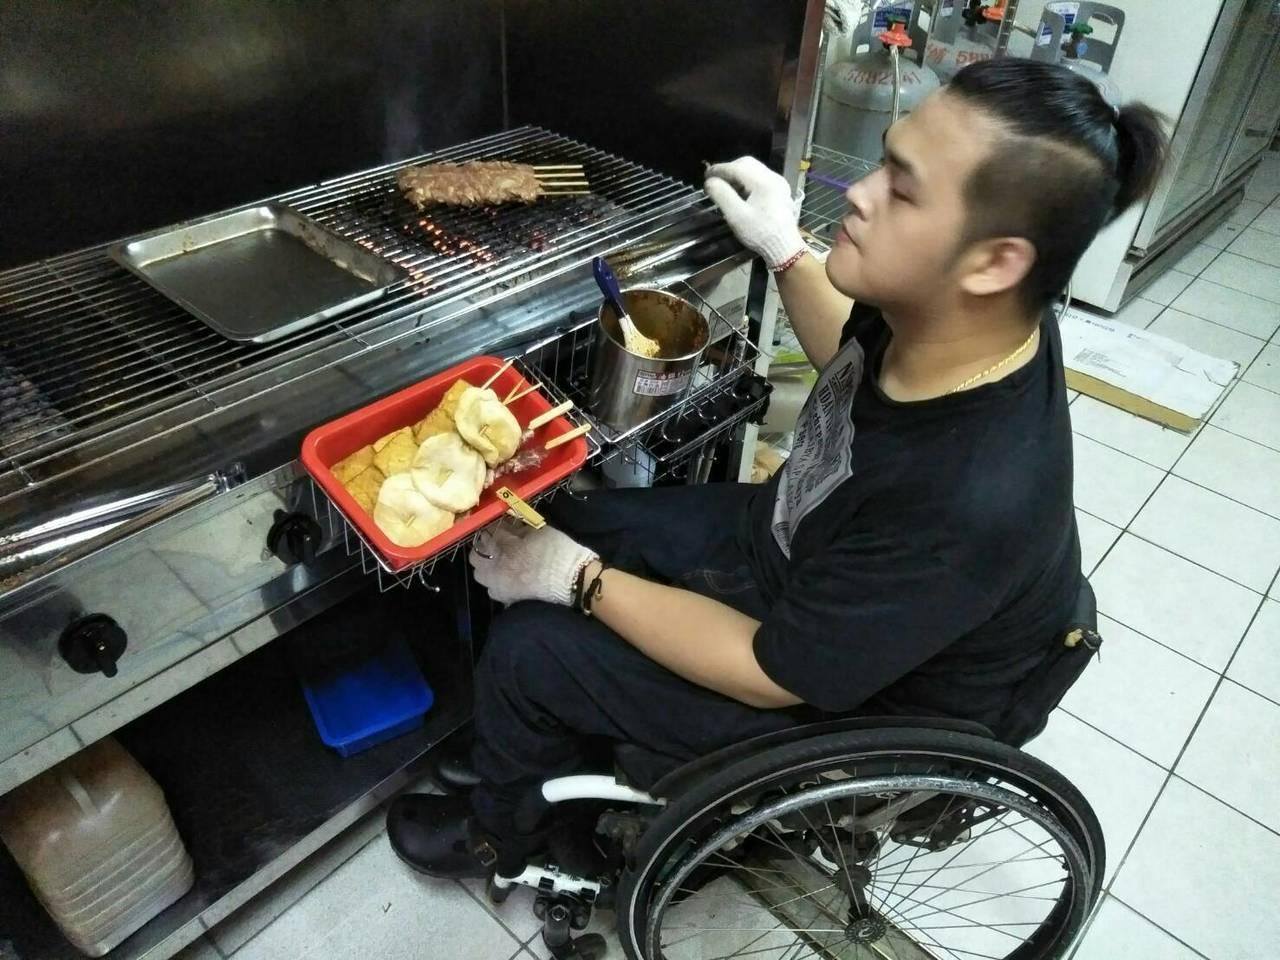 燒烤時,餘火噴出來,彭萬成雙手拿著燒烤,來不及讓輪椅退後,不時被燙到。記者郭政芬...